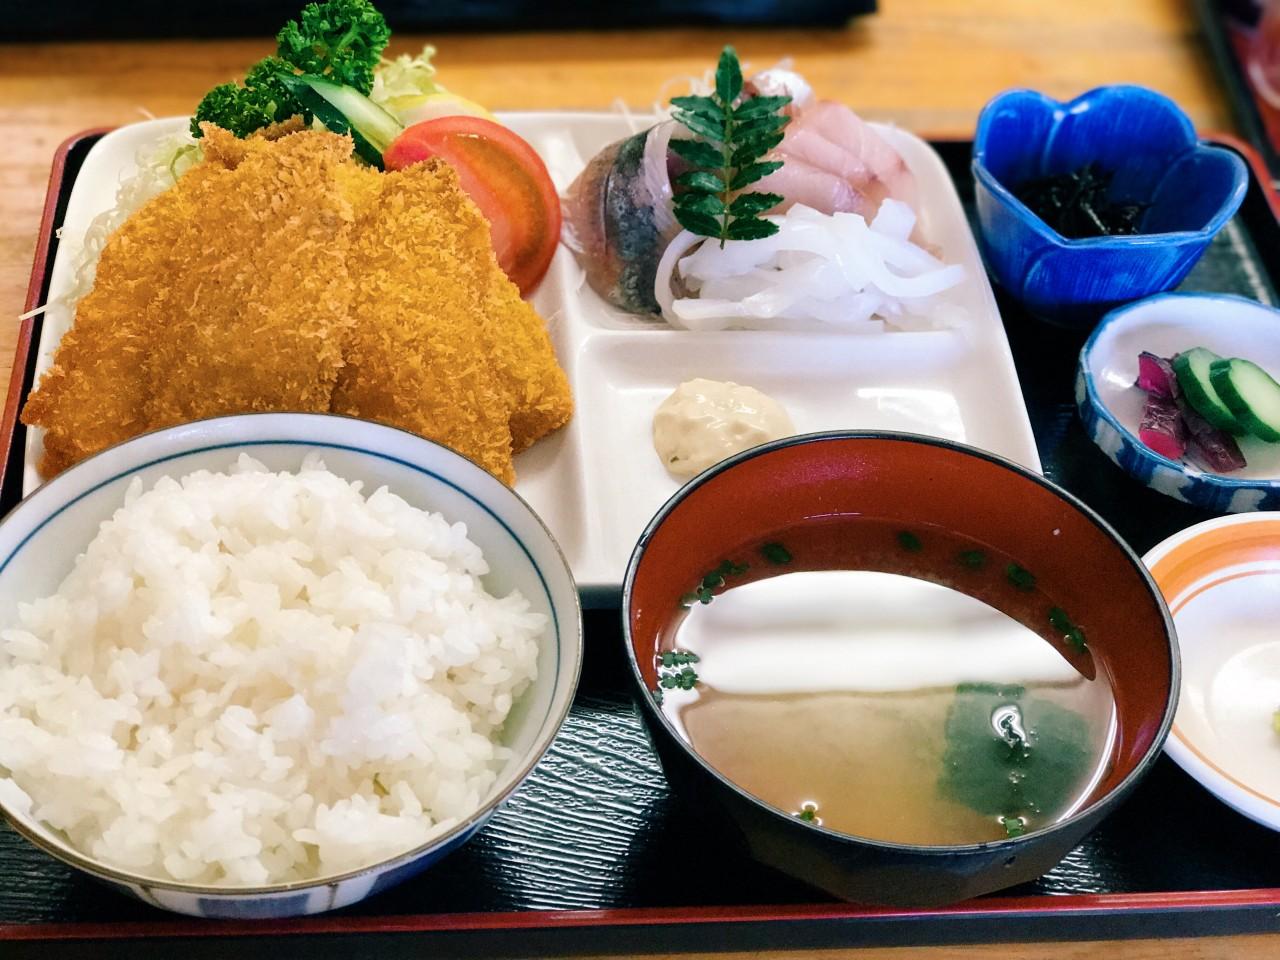 千葉県金谷近辺のおすすめ観光スポットを紹介します。美味しいランチも。